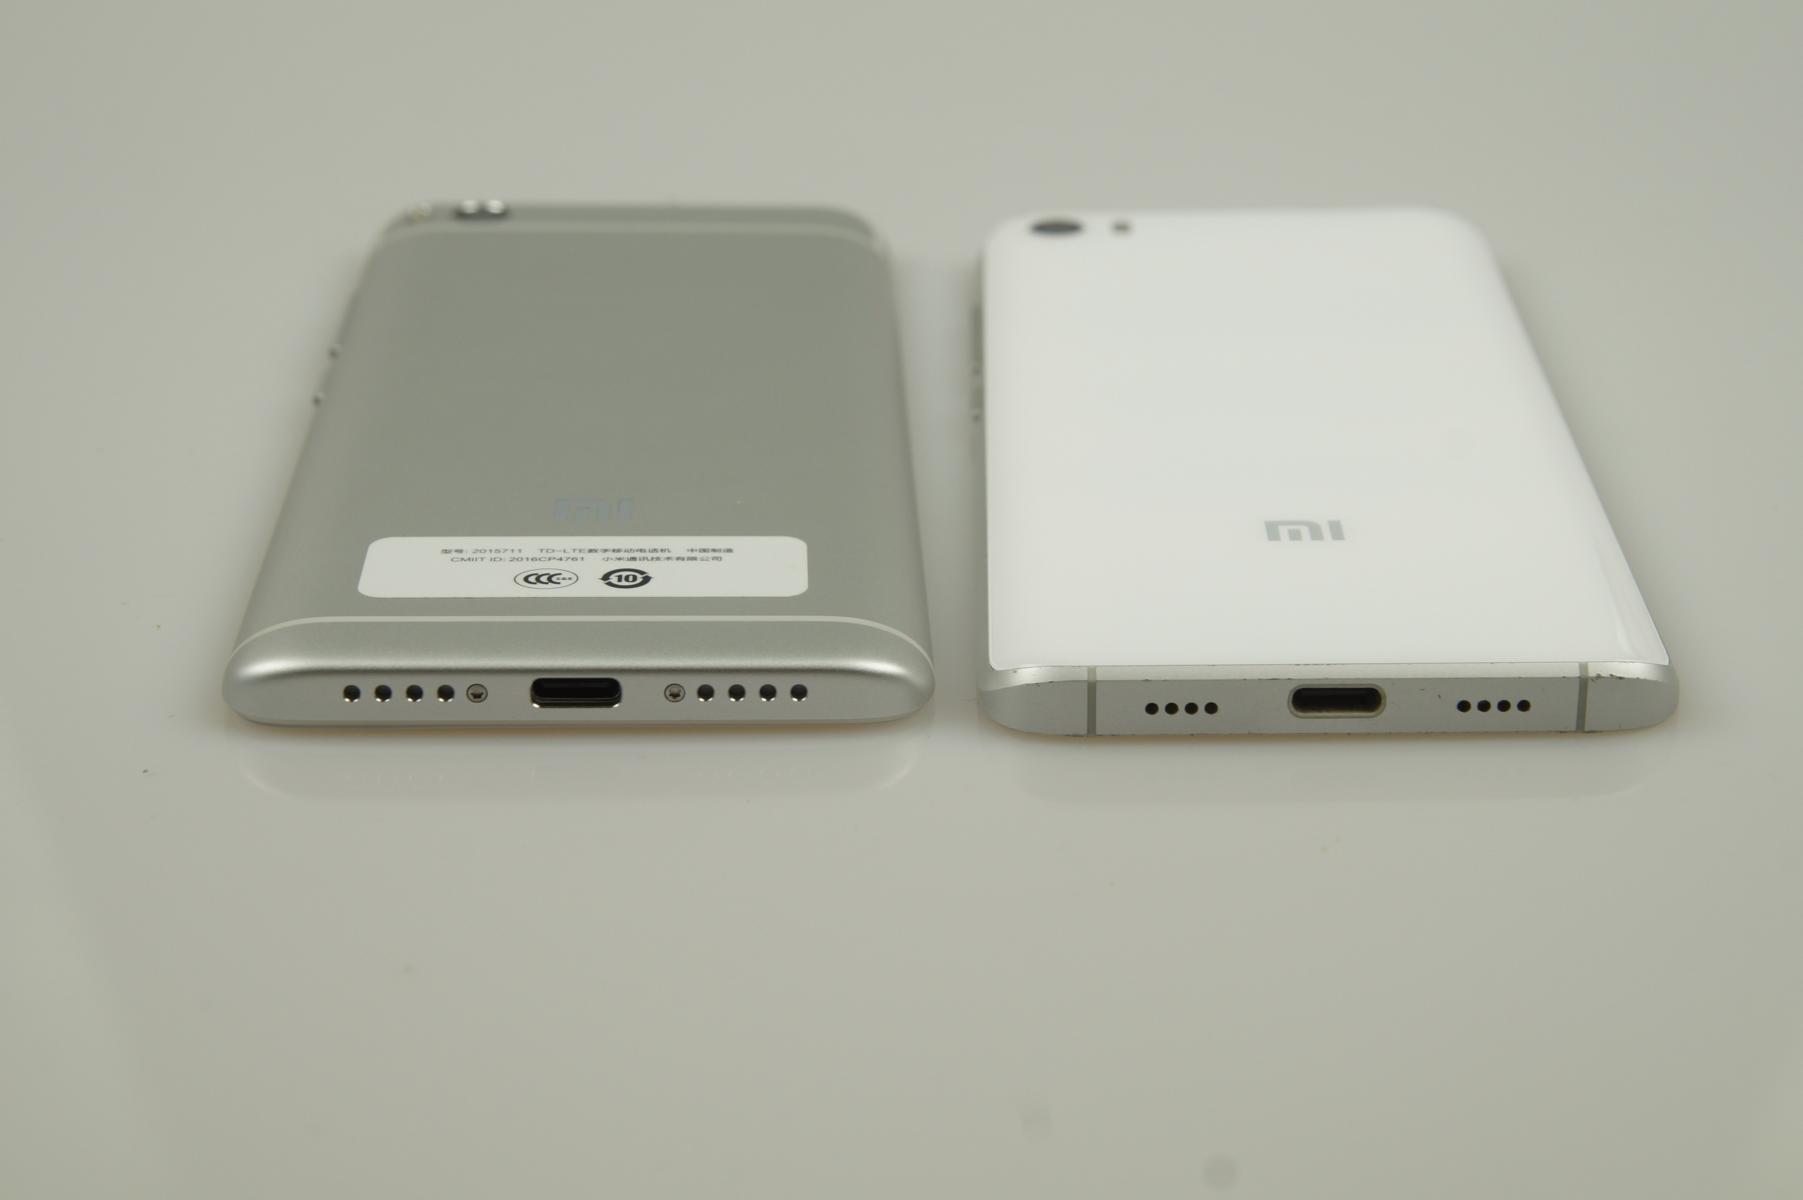 xiaomi-mi5s-mi5-